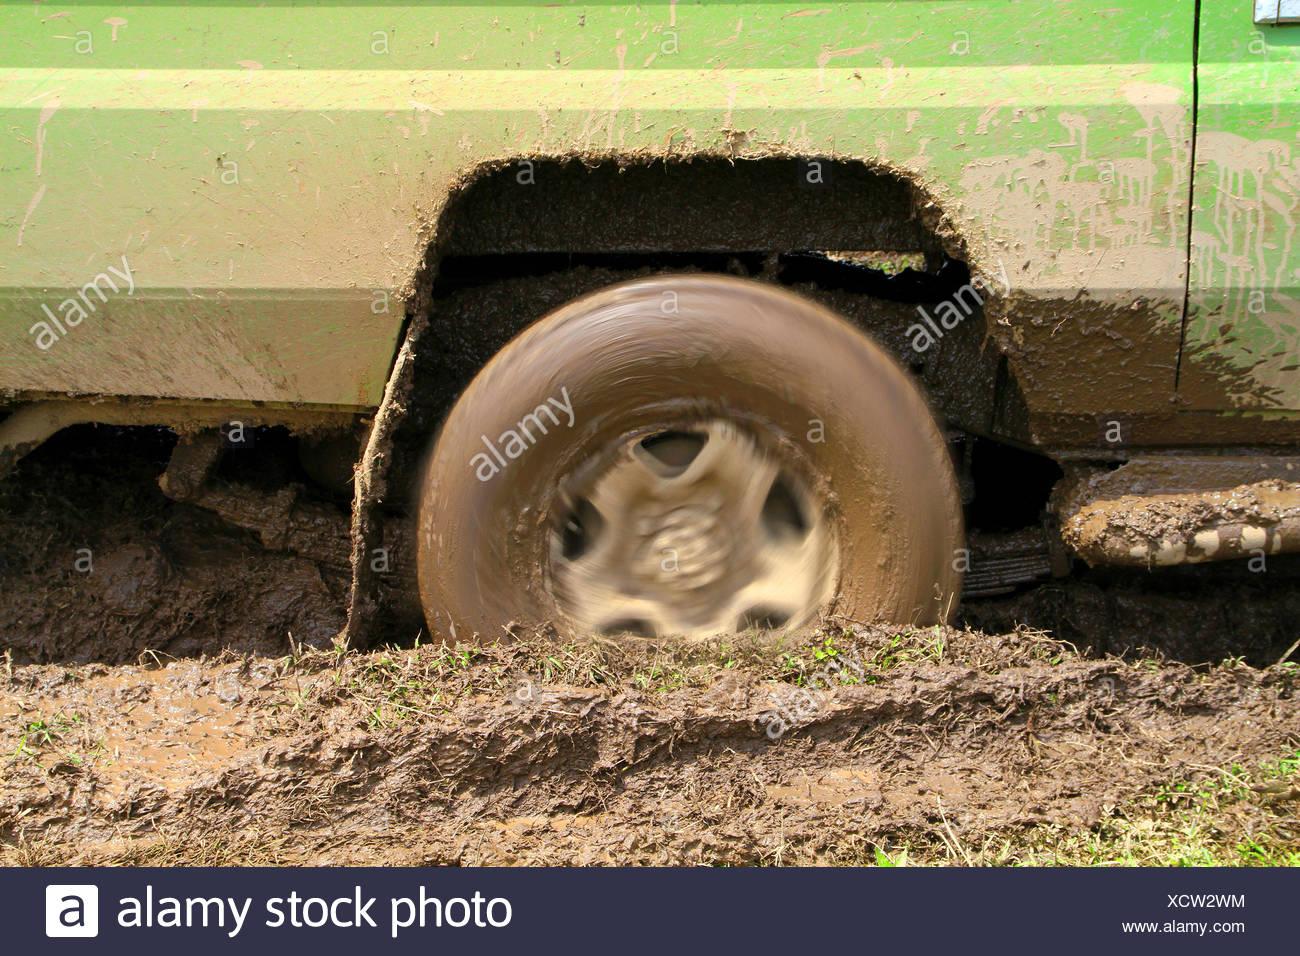 La roue tournante d'un safari location de coller dans la boue, la Tanzanie, le Parc National du Serengeti Photo Stock